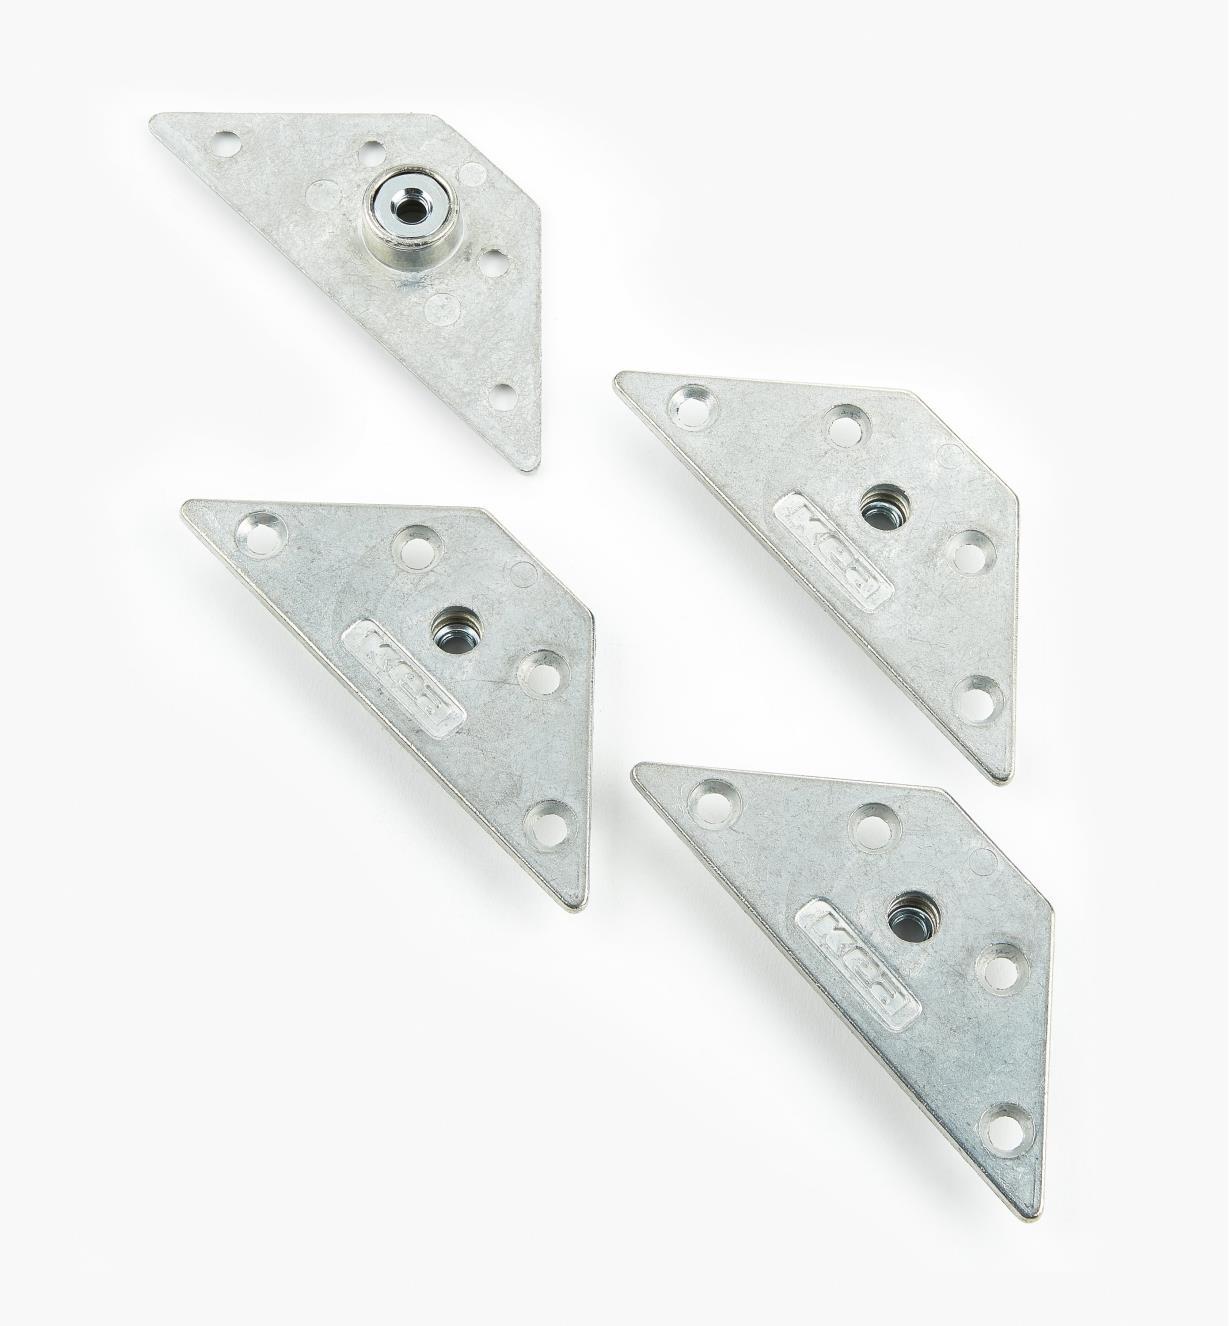 00H3351 - Triangular Furniture Leg Bushings, pkg. of 4